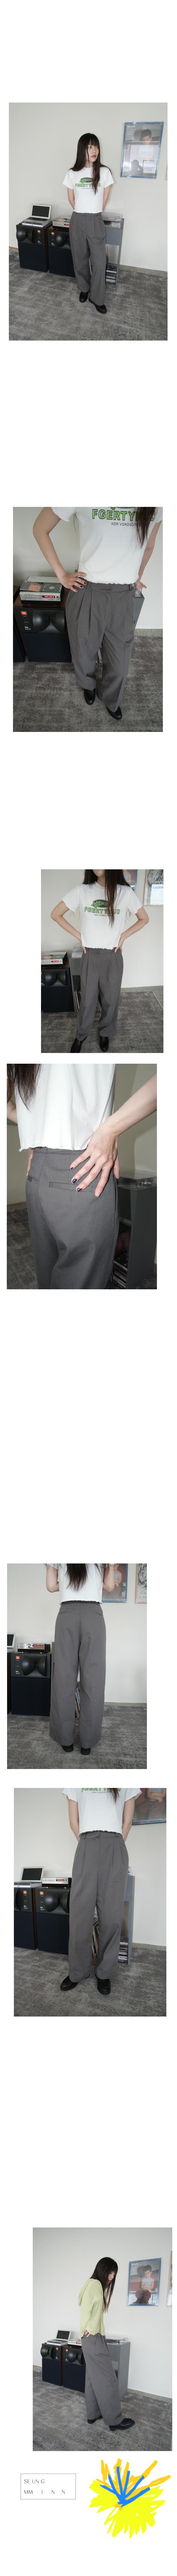 soft washing cotton slacks